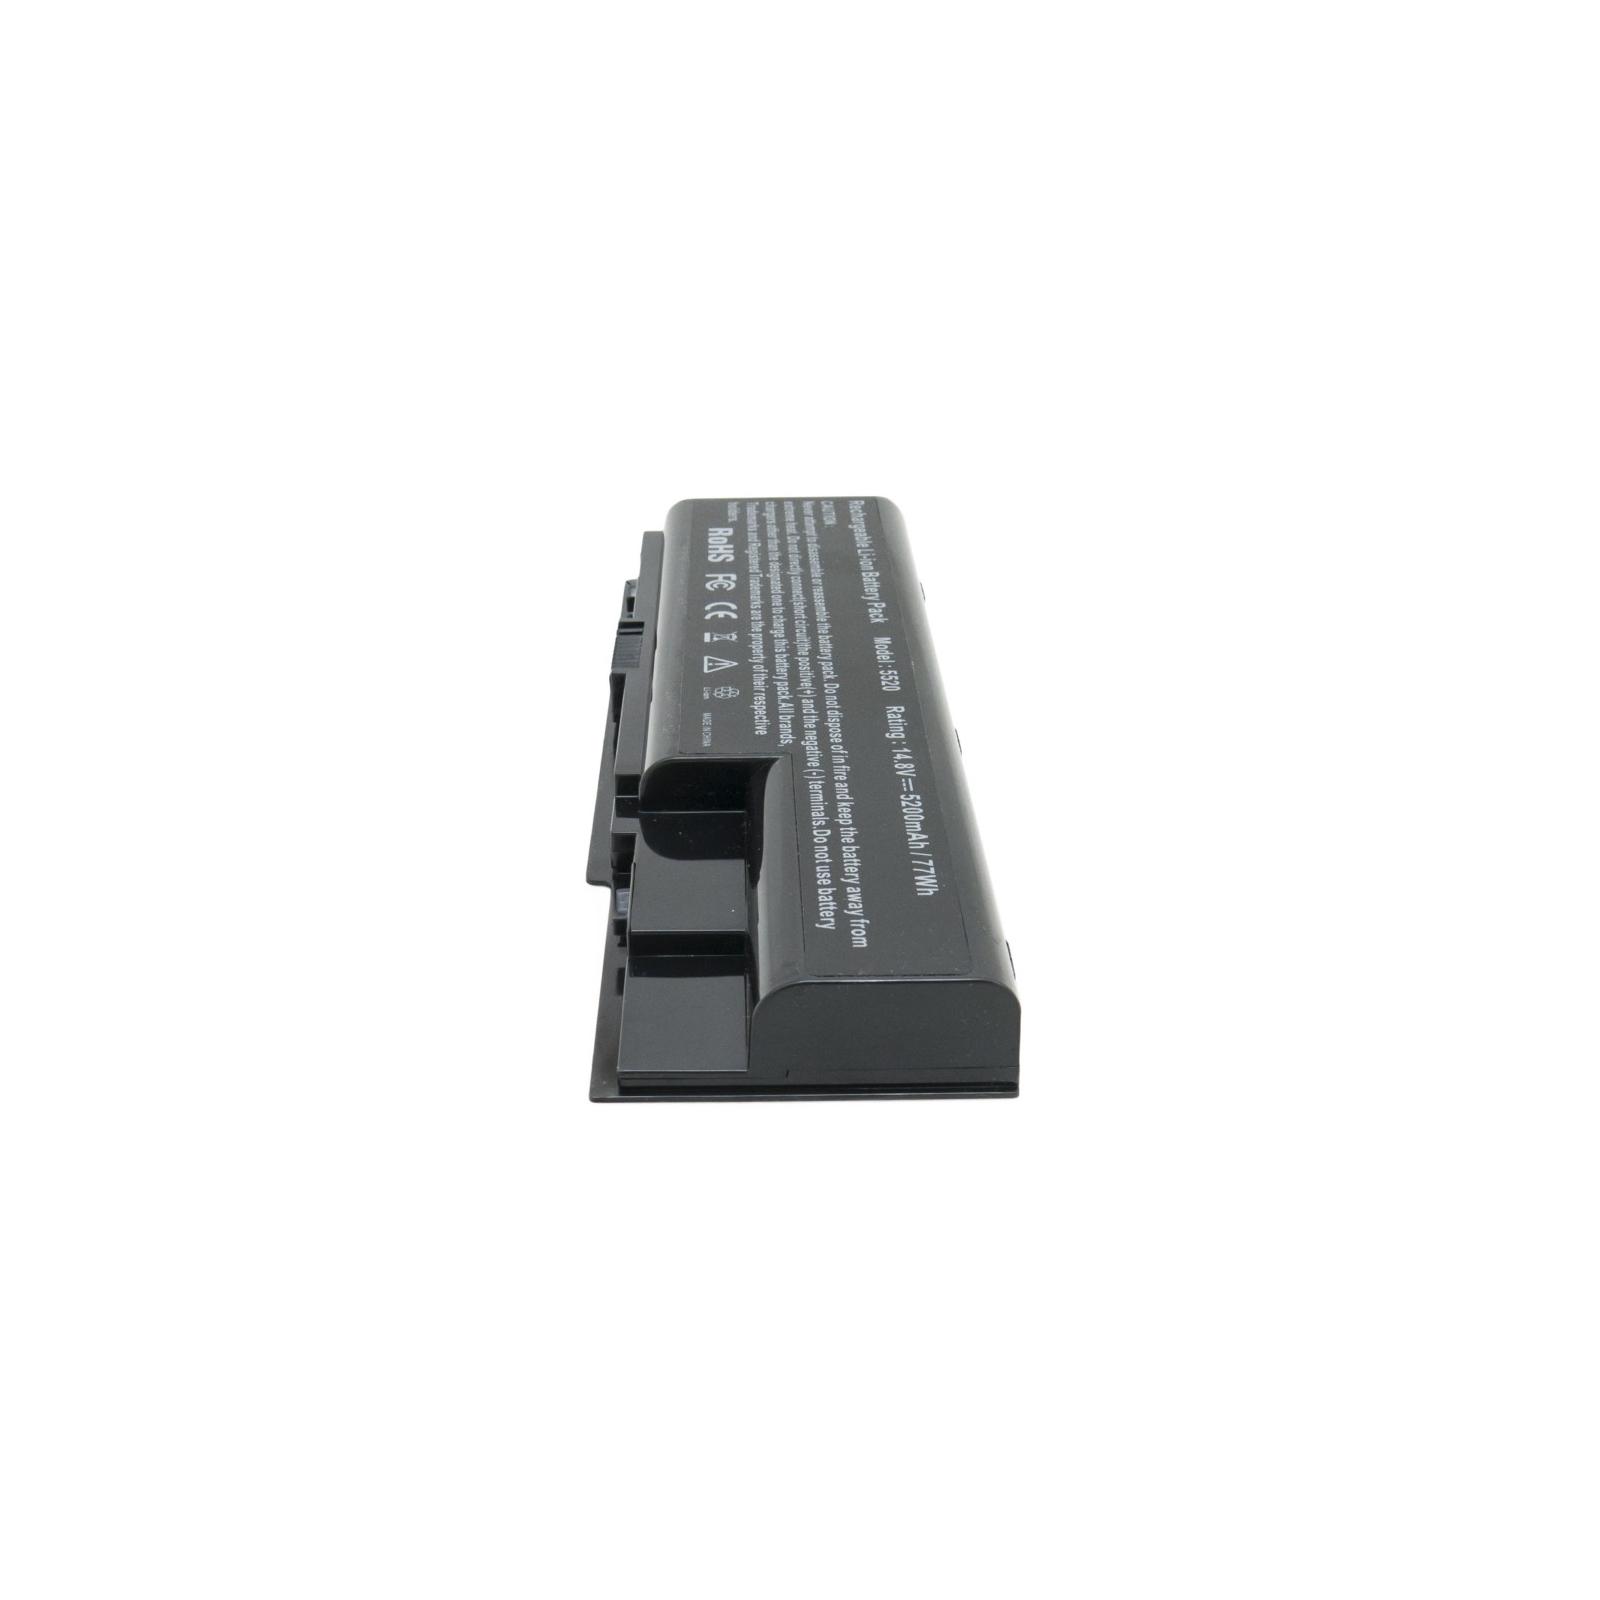 Аккумулятор для ноутбука Acer Aspire 5520 (AS07B32) 5200mAh EXTRADIGITAL (BNA3912) изображение 5